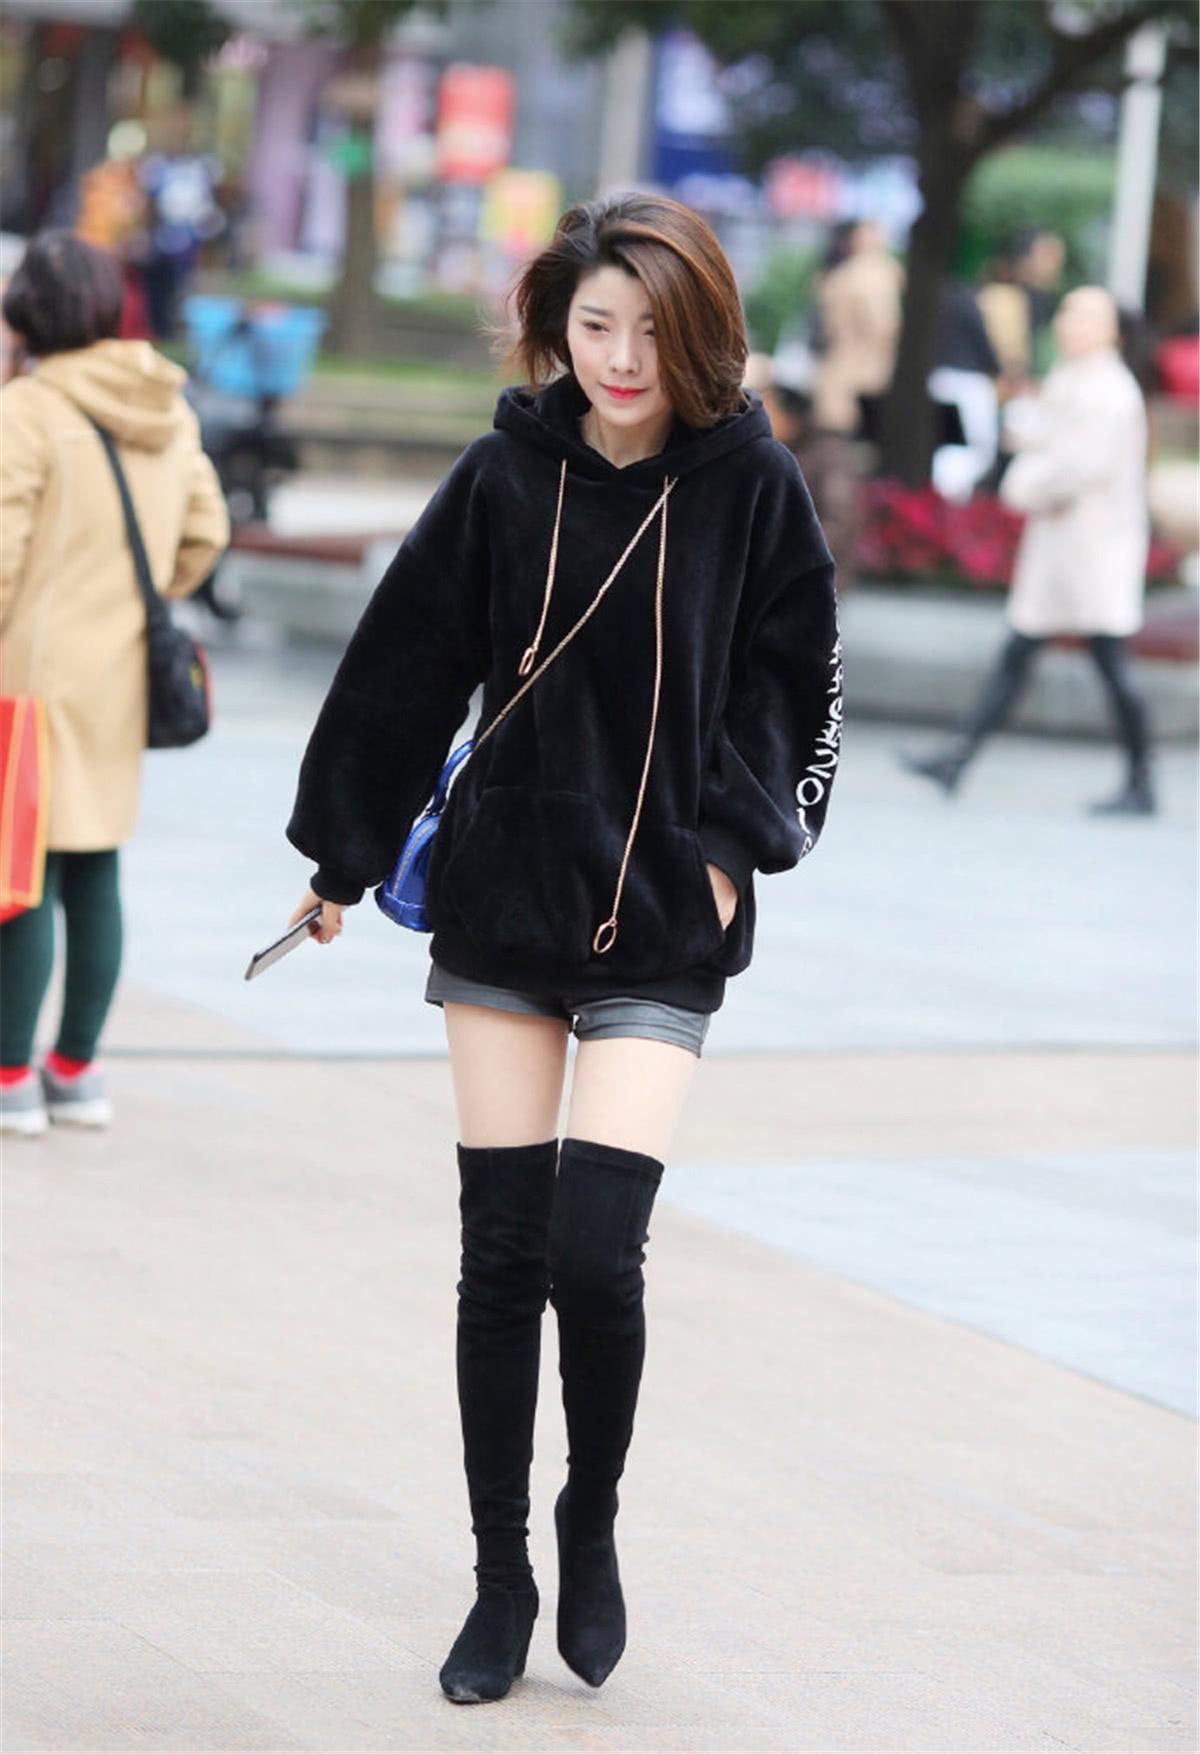 """<b>路人街拍:短发小姐姐脚踩""""及膝鞋"""",走在街上时髦又养眼!</b>"""